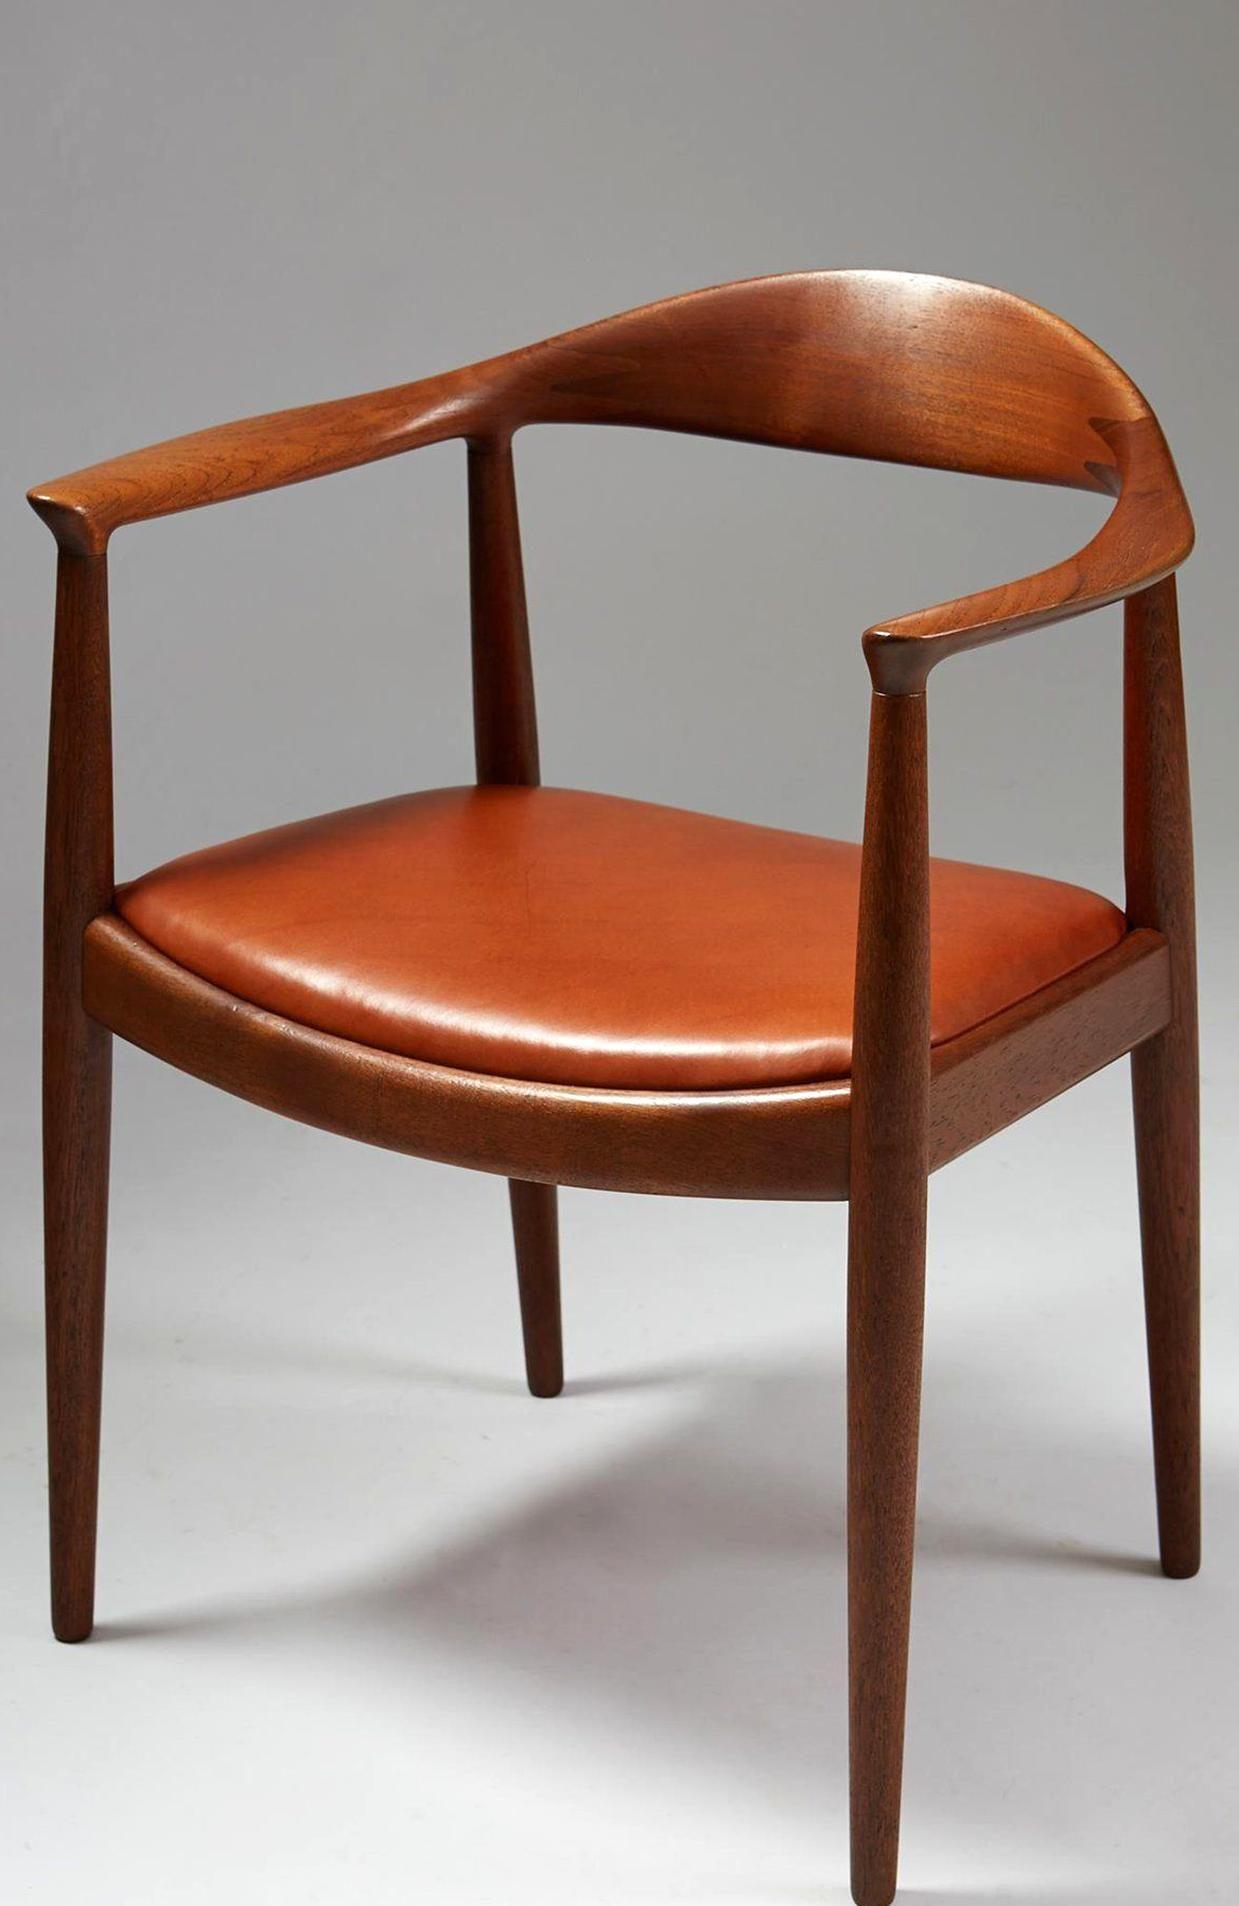 The Chair Designed By Hans Wegner For Johannes Hansen Denmark 1950s Modernity In 2020 Classic Chair Design Furniture Design Chair Danish Furniture Design